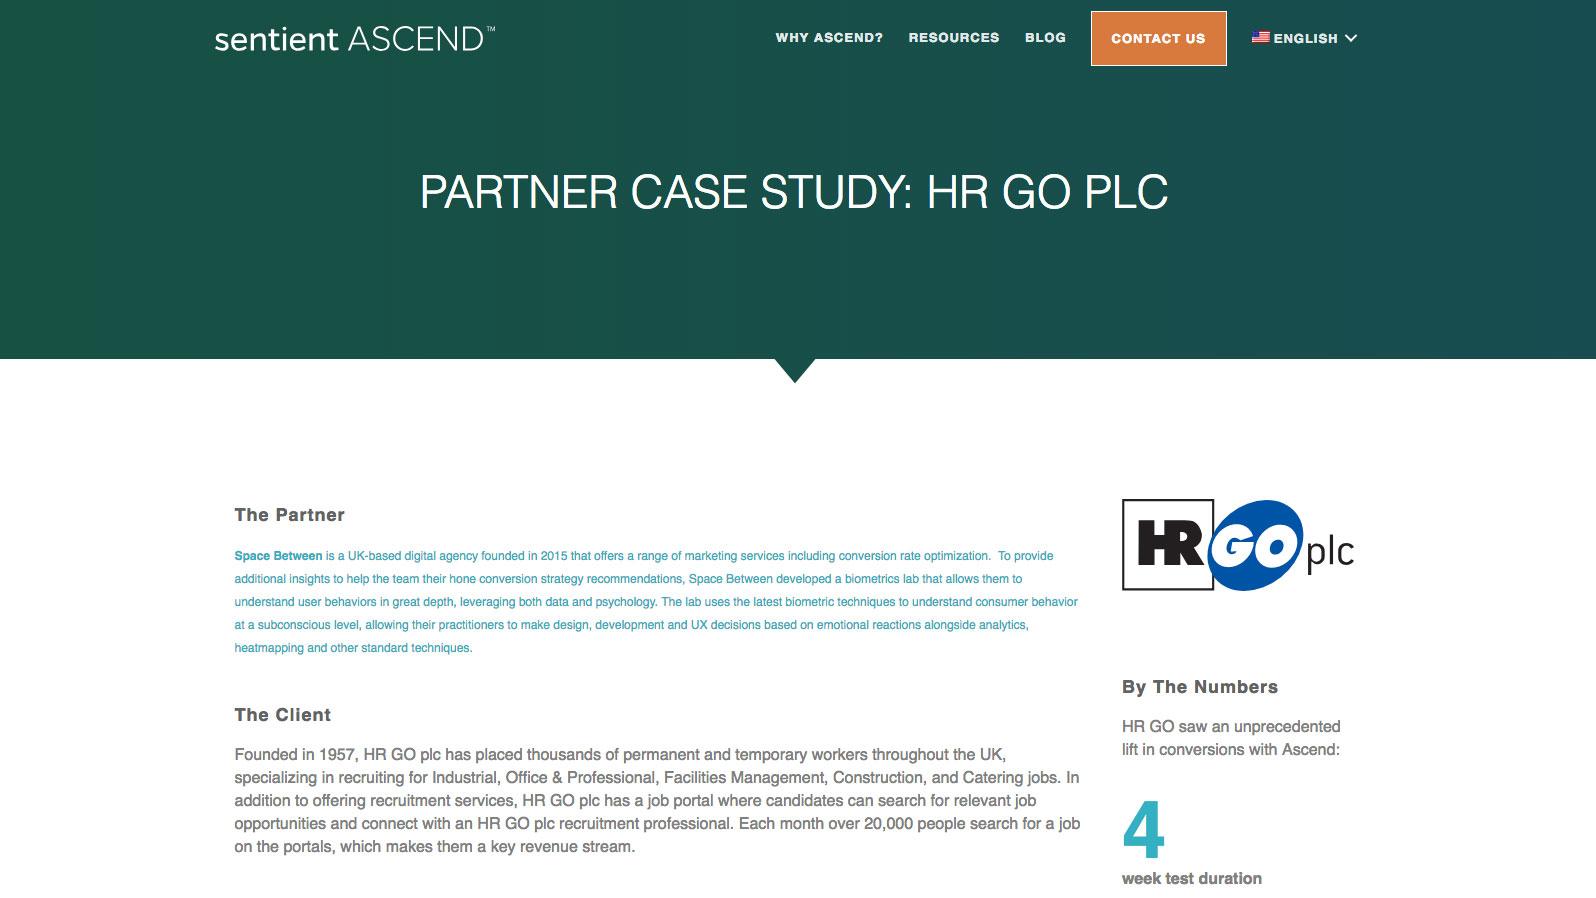 HR GO plc case study landing page